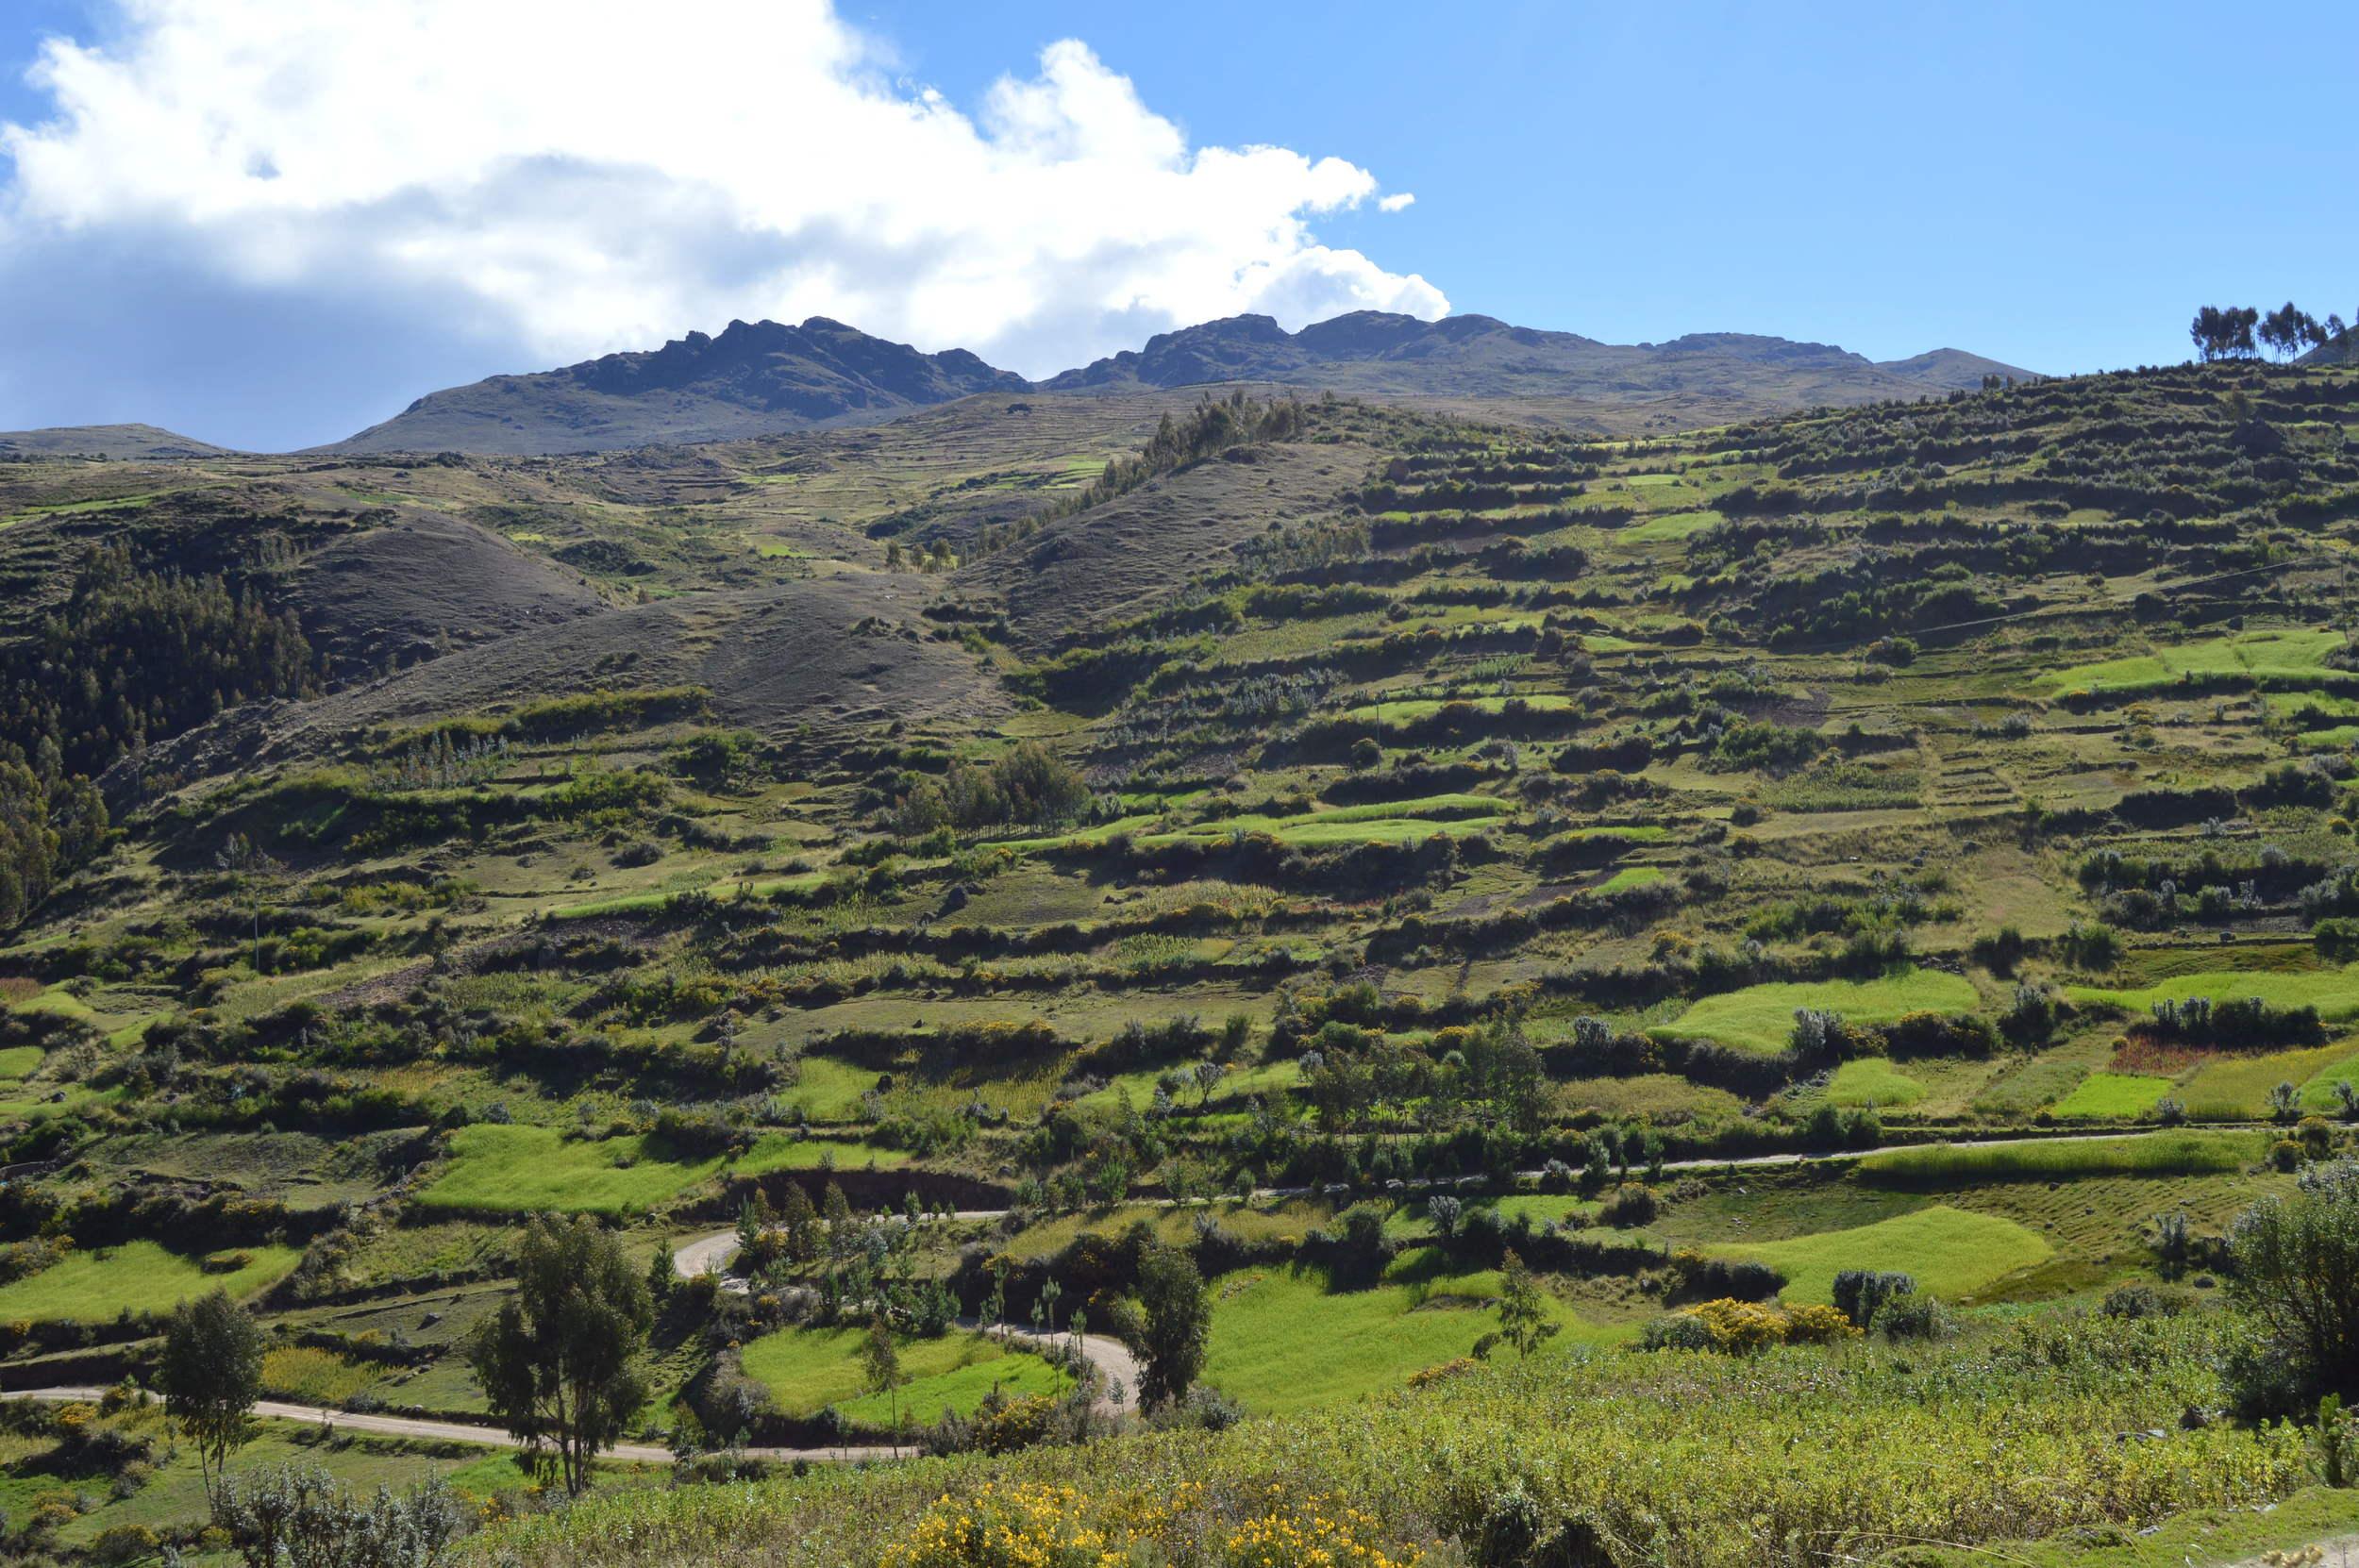 Farming teraces of Paru Paru Community near Cusco, Peru